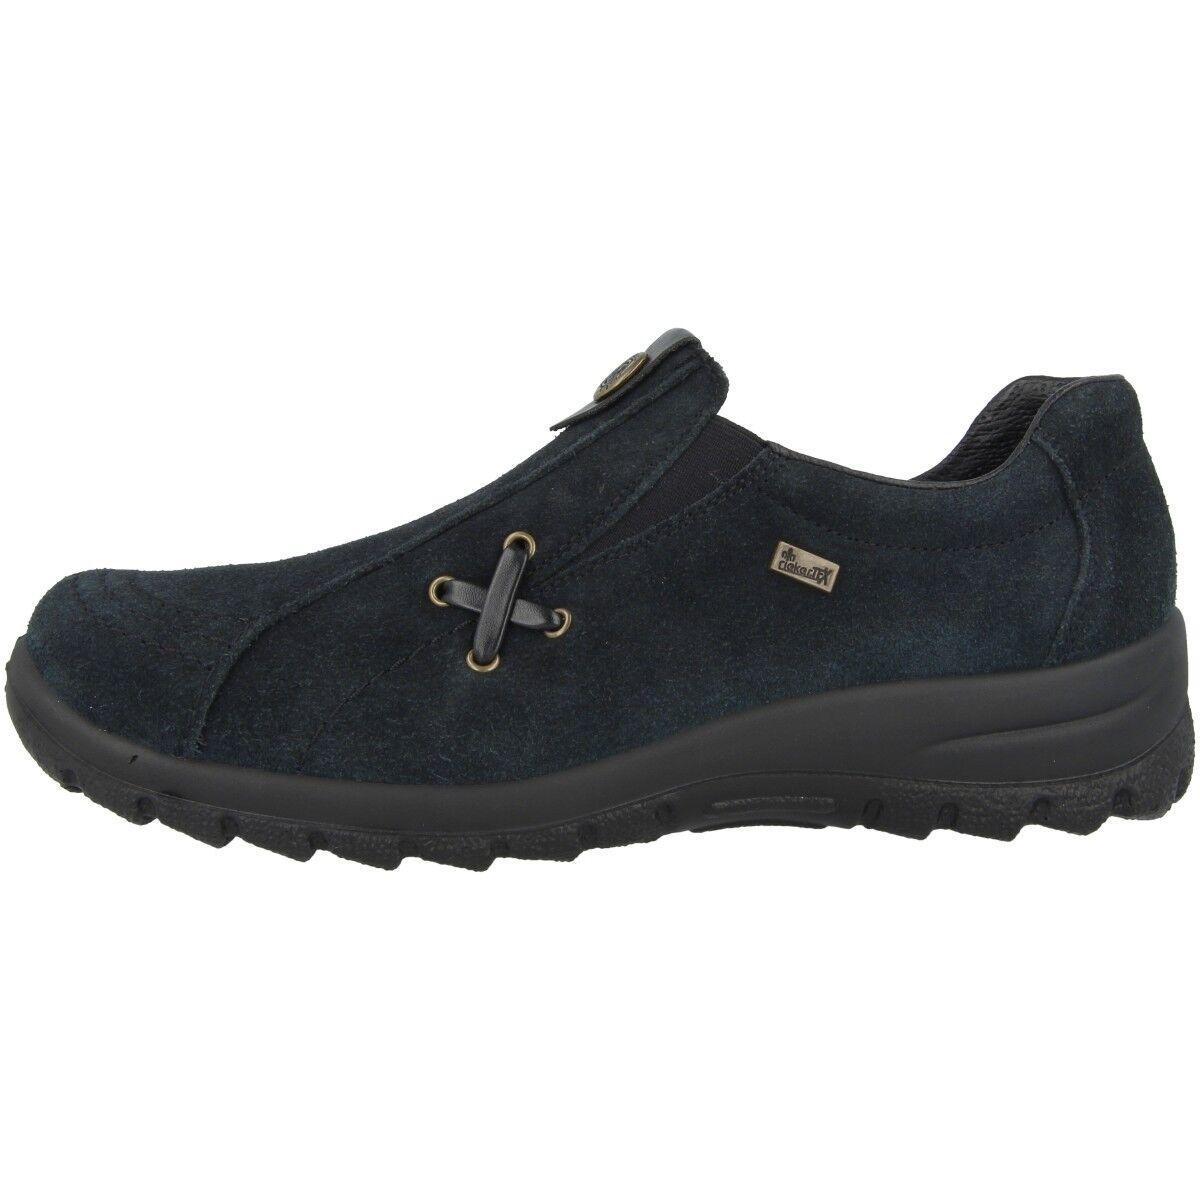 Rieker samtcalf-fino scarpe donna mocassini da Ginnastica Ginnastica Ginnastica Basse Blue l7171-14 fceed3